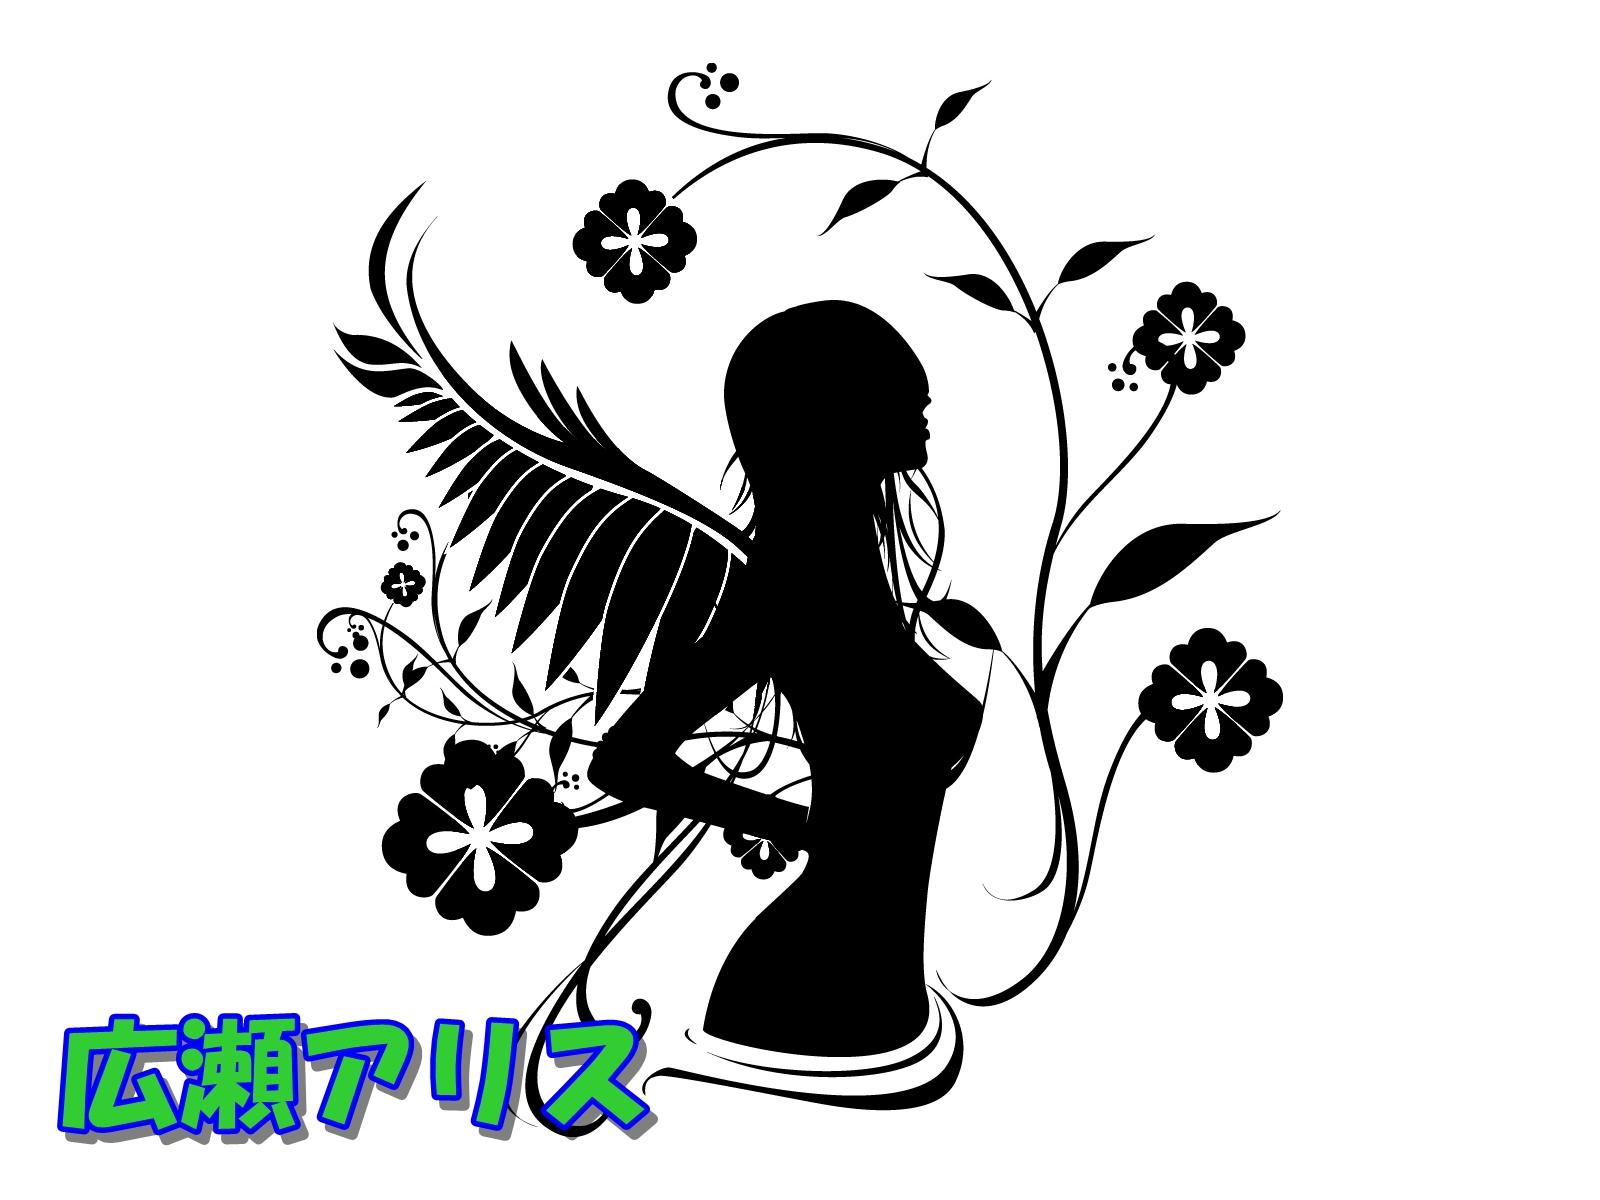 広瀬アリスがルーズヴェルトゲームに出演!演技力や評判は?